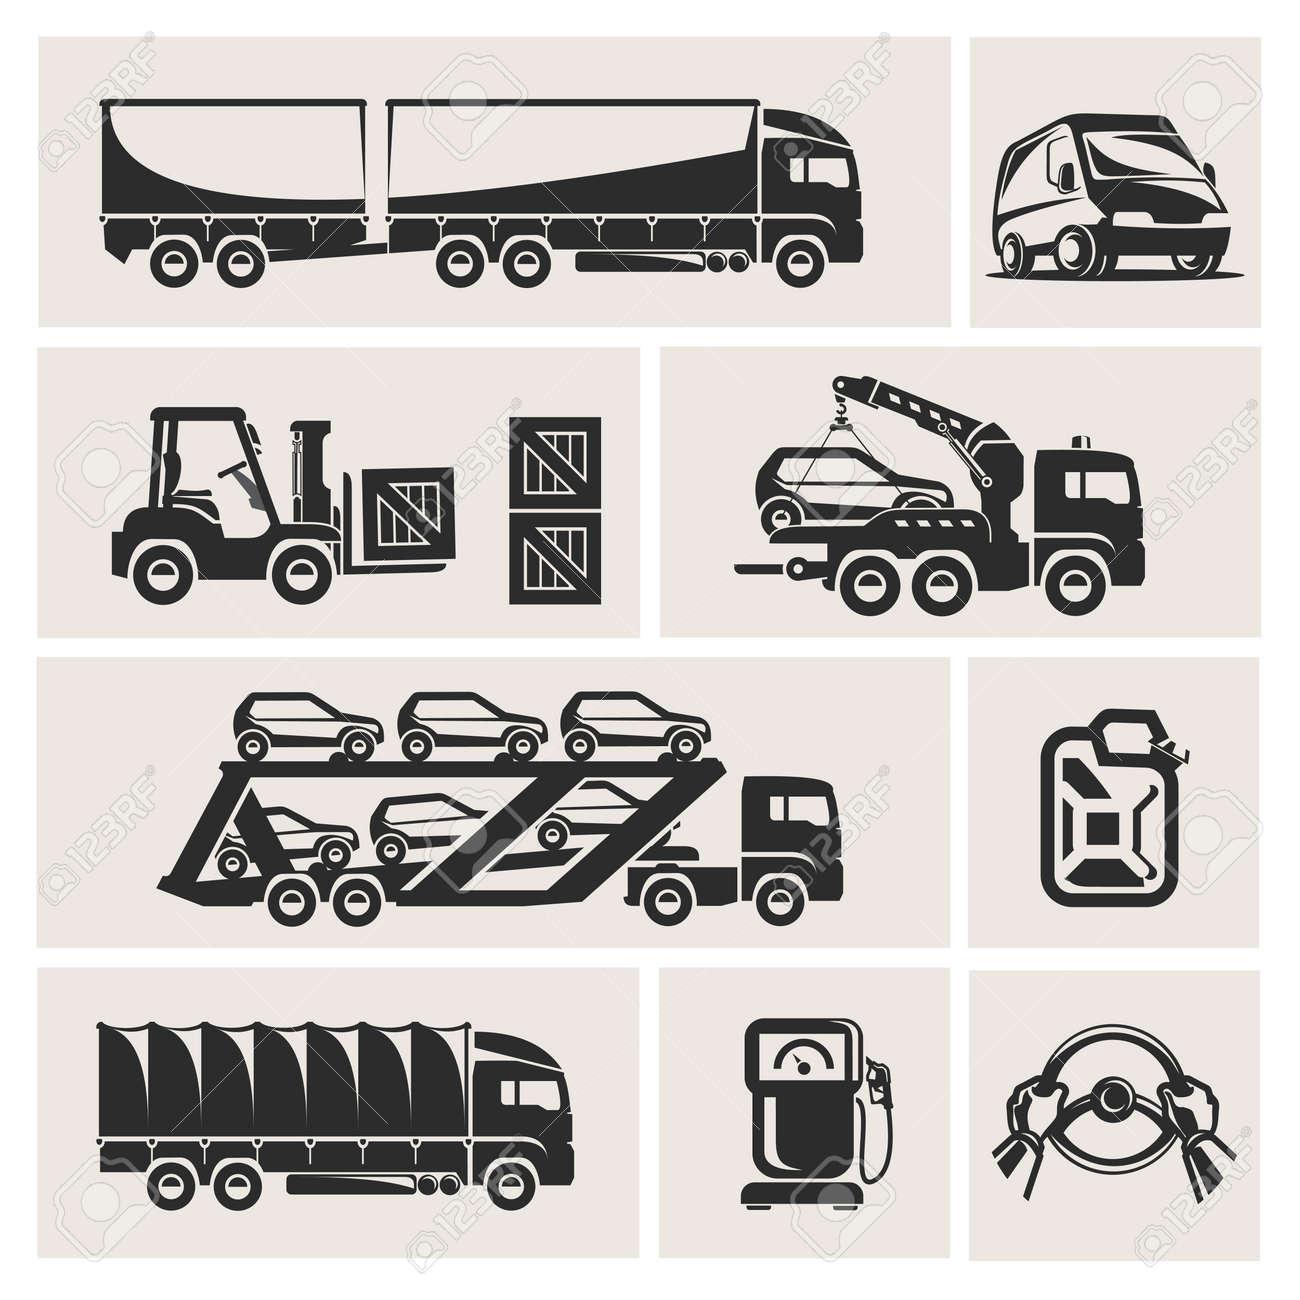 transportation Stock Vector - 16304372